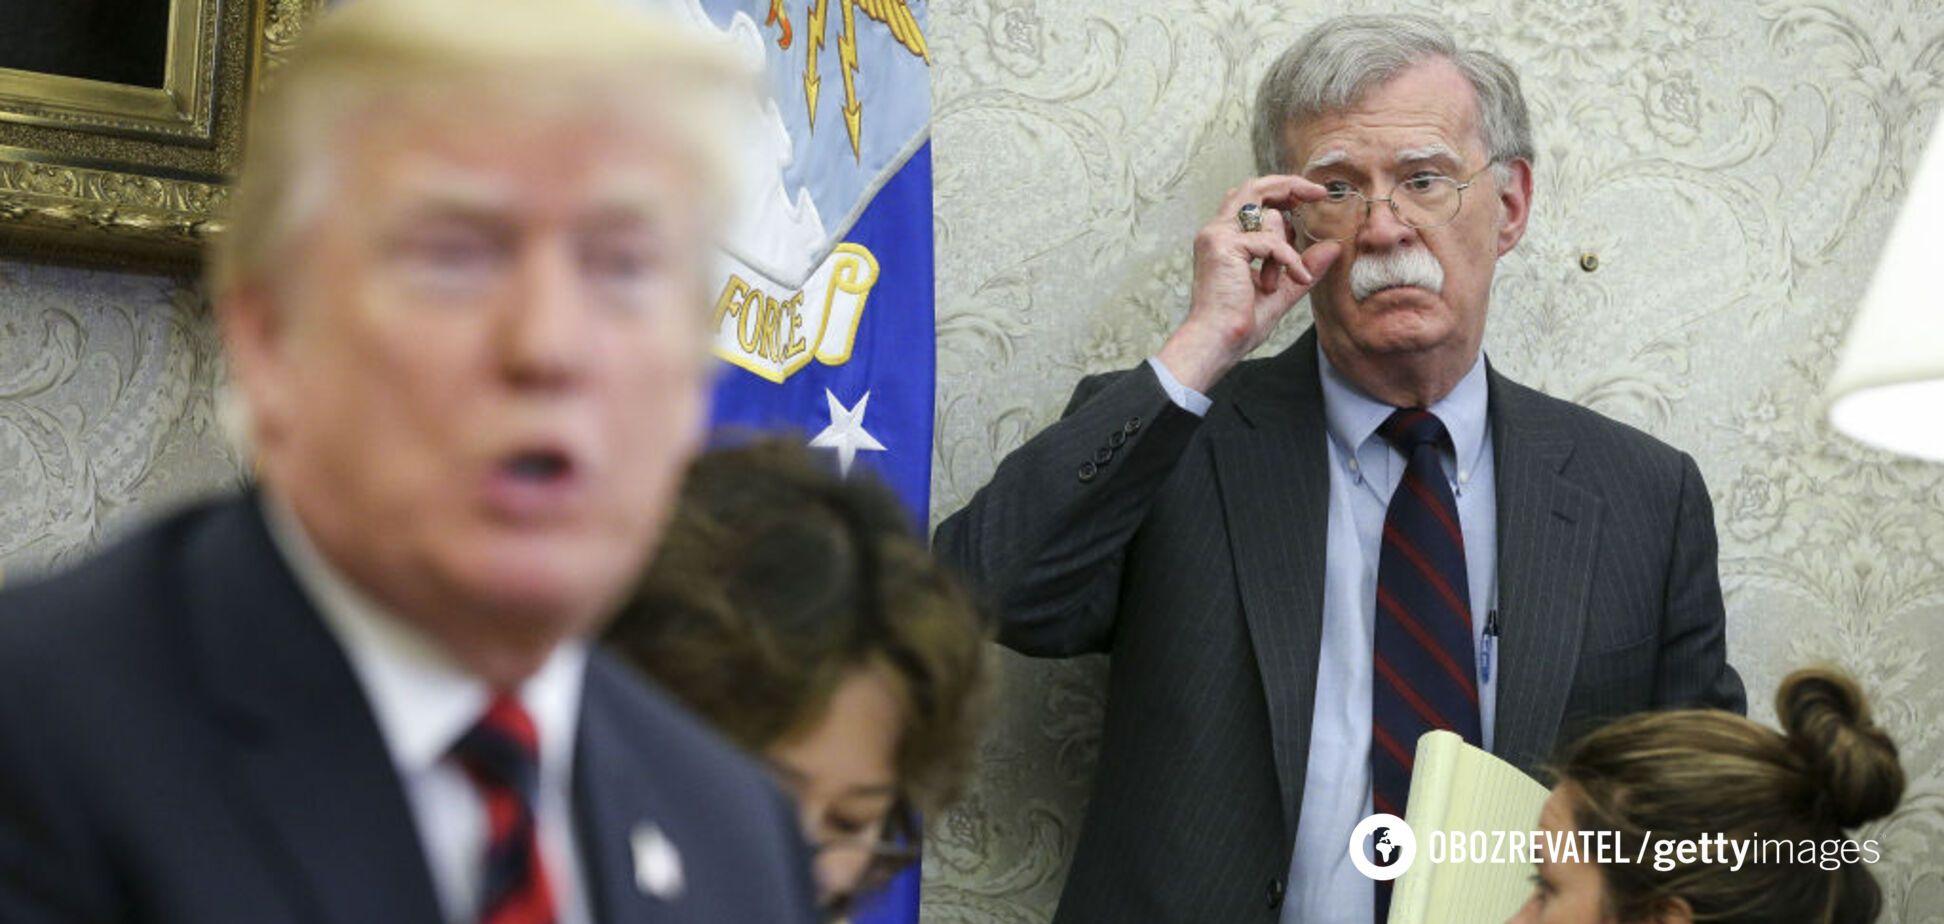 Трамп попросил Болтона позвонить Зеленскому по поводу его разговора с Йованович